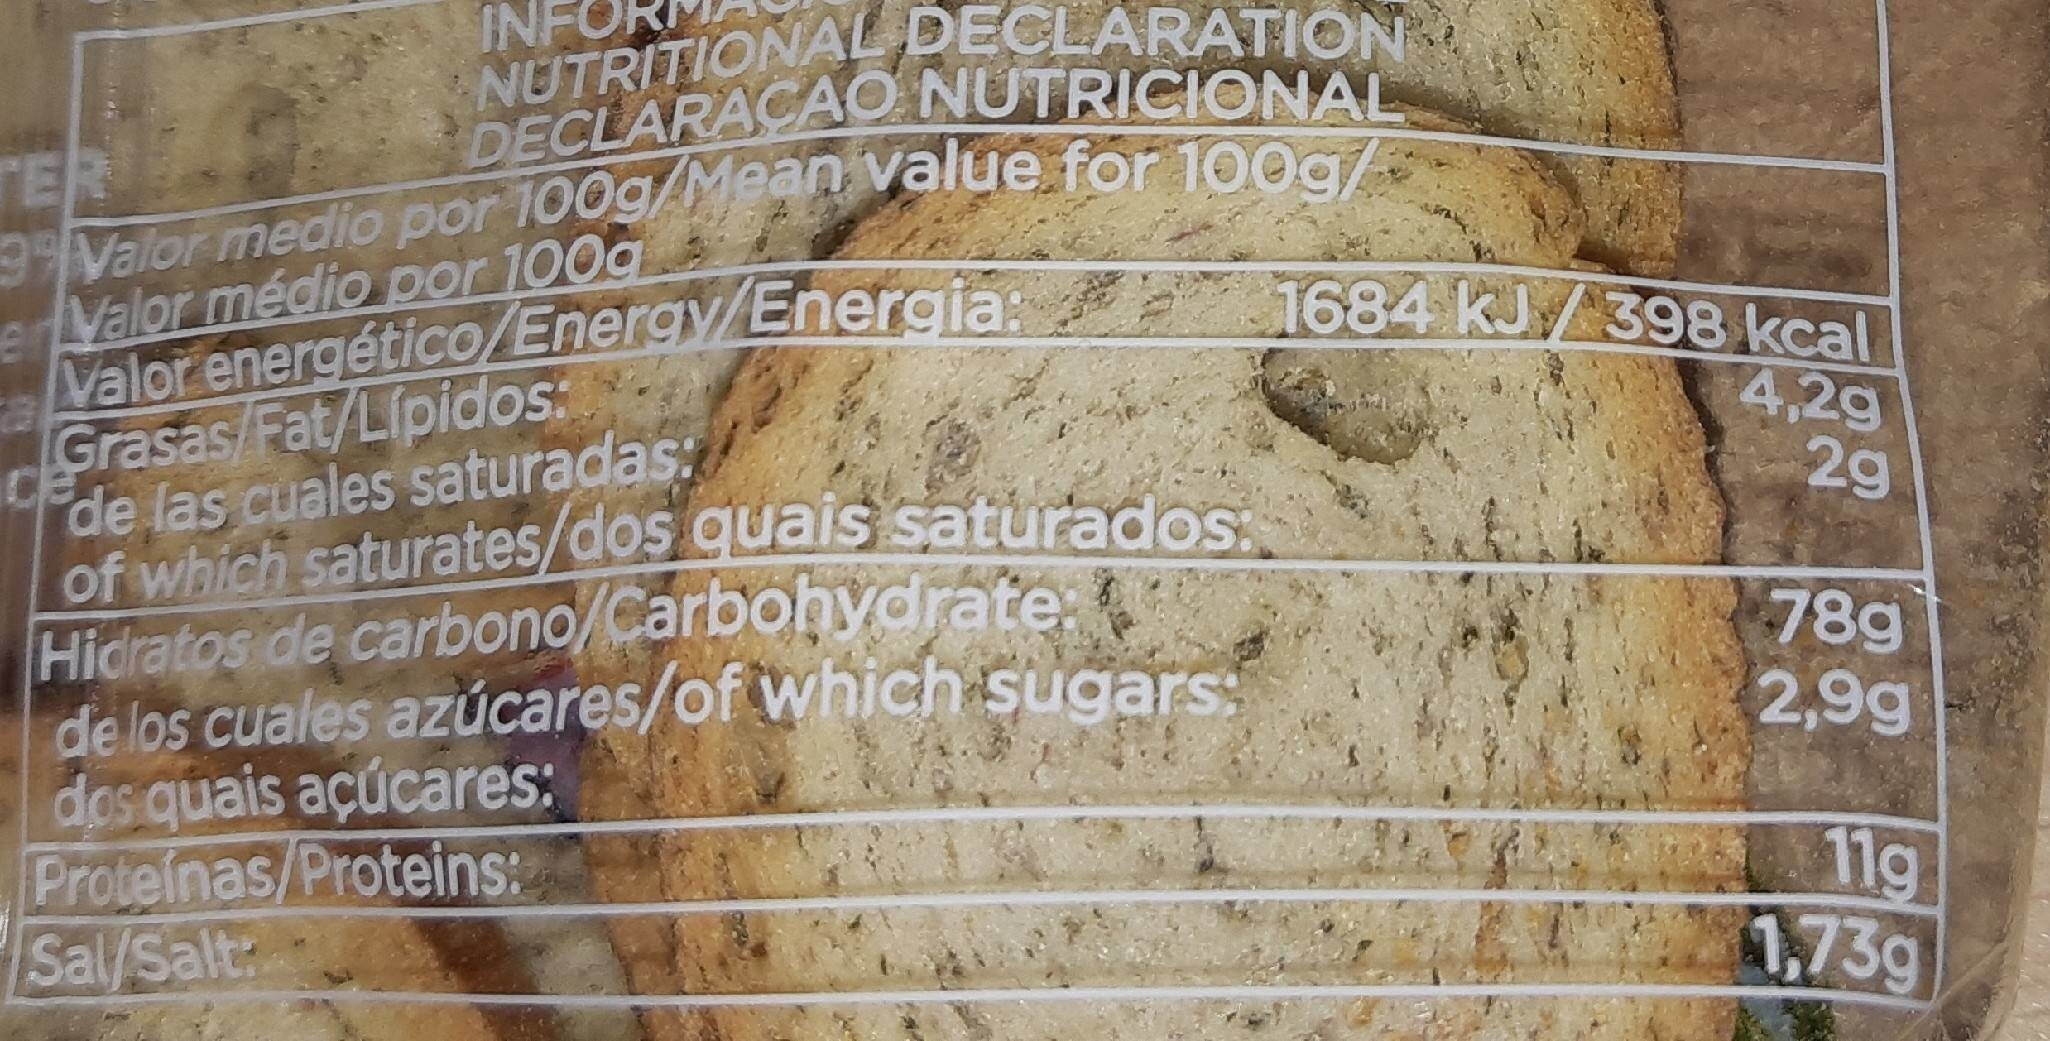 Tostadas pan con eneldo y pimienta rosa - Nutrition facts